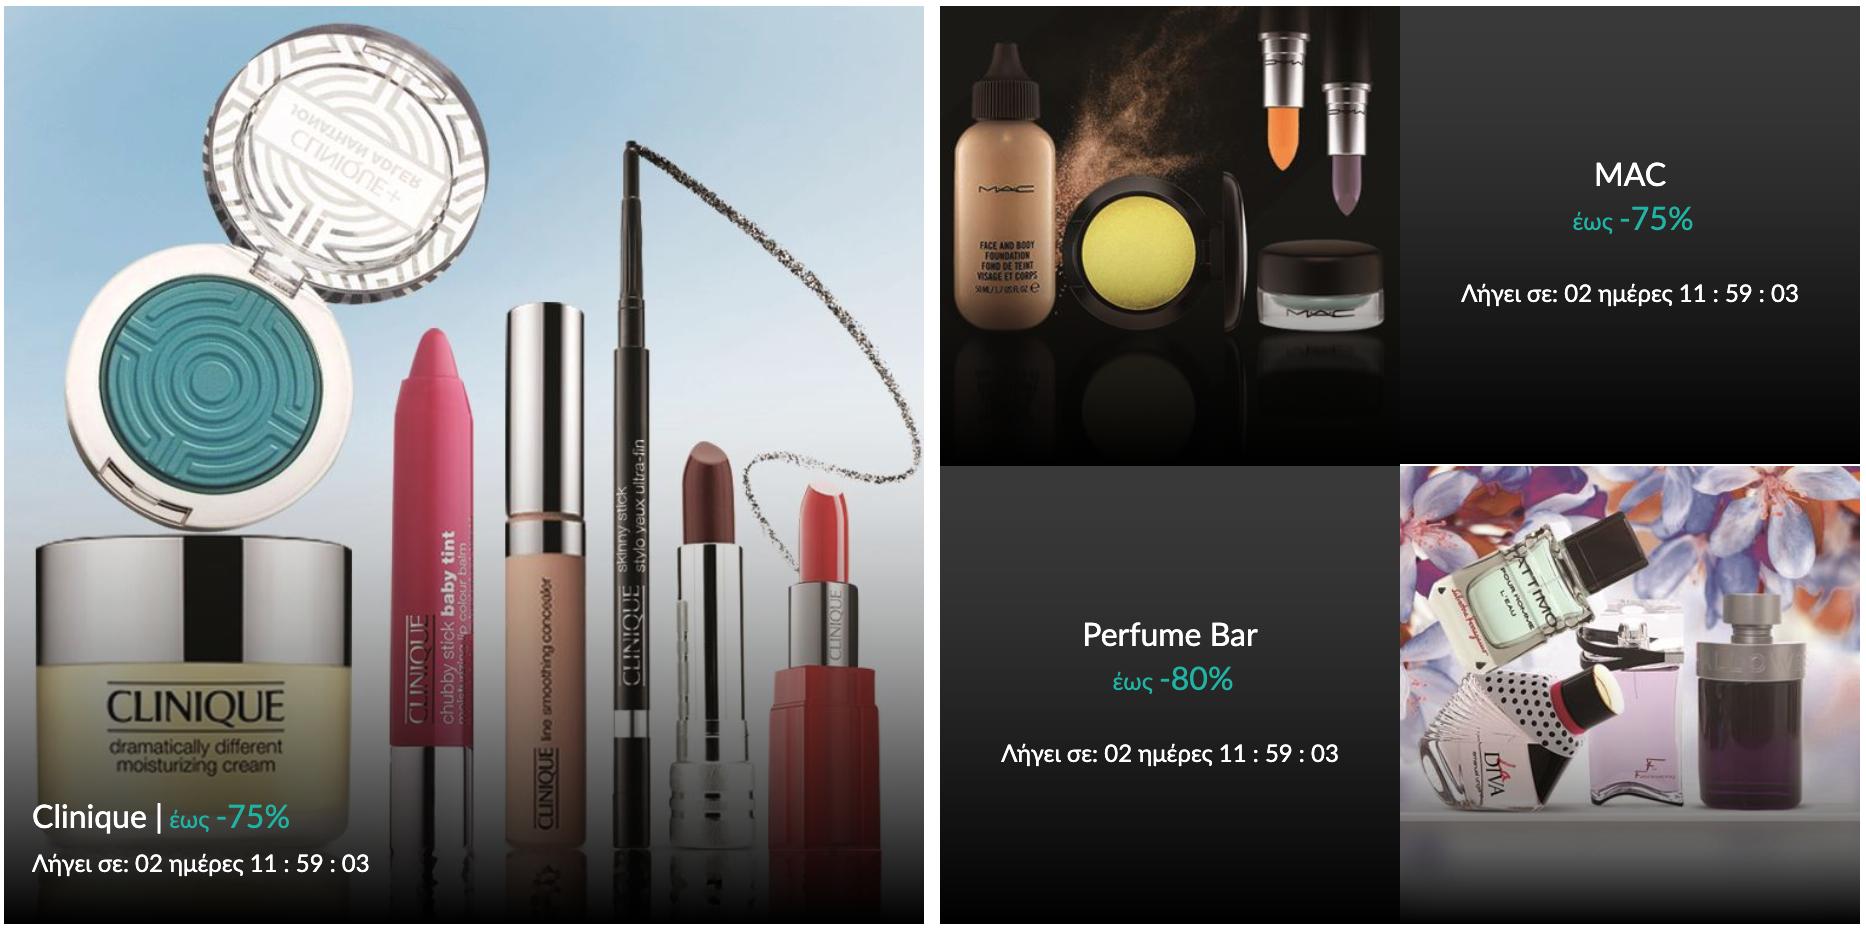 Στην νέα σελίδα του BrandsGalaxy υπάρχει τμήμα outlet με Προσφορές και Εκπτώσεις σε αρώματα, καλλυντικά και είδη περιποίησης που αγγίζουν το 90%! | YouBeHero